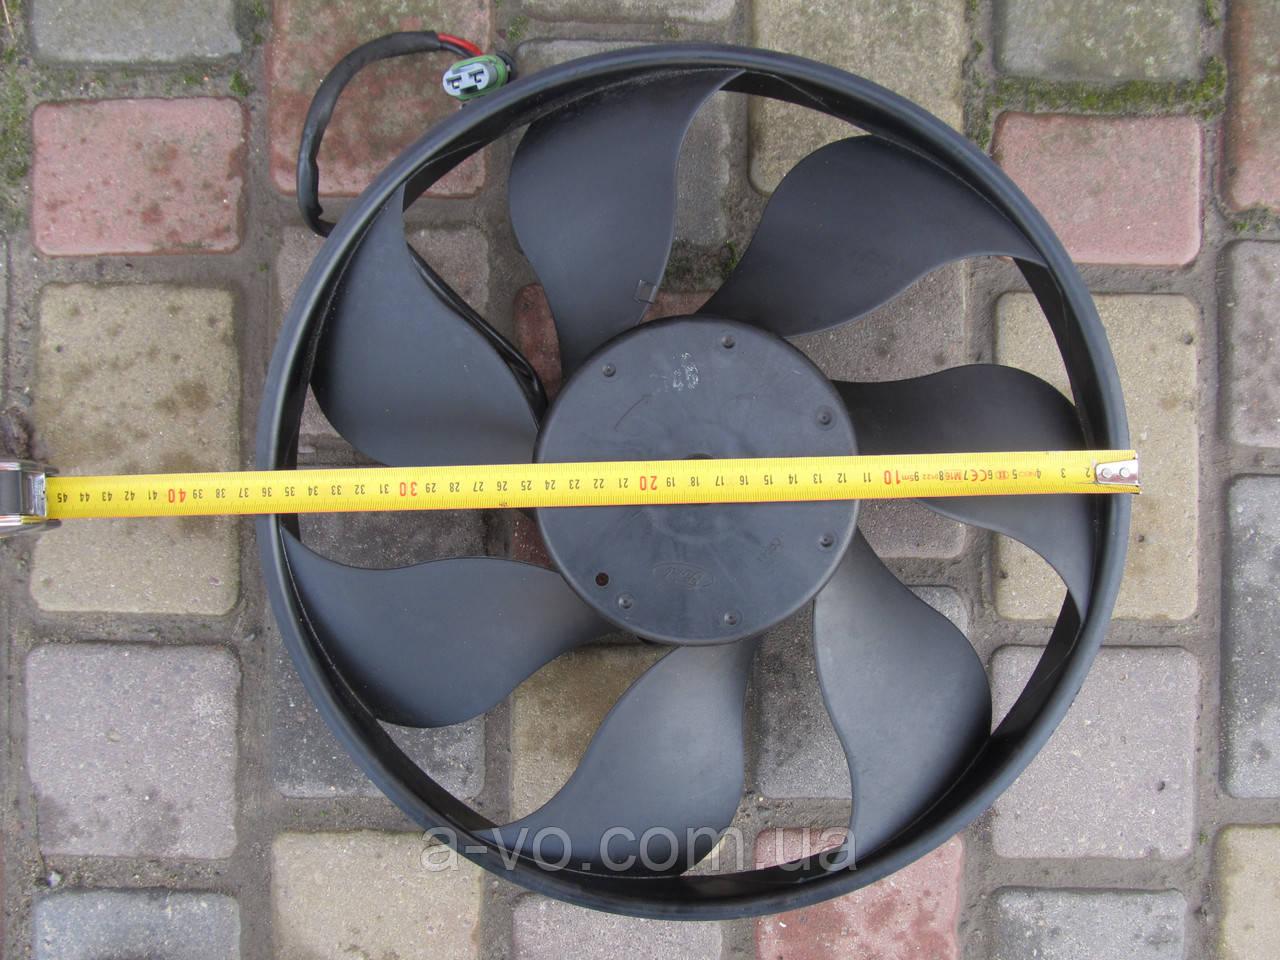 Вентилятор основного радиатора для Ford Transit 6 2.0TDDi 2000-2006, 9010799, MP8125V185